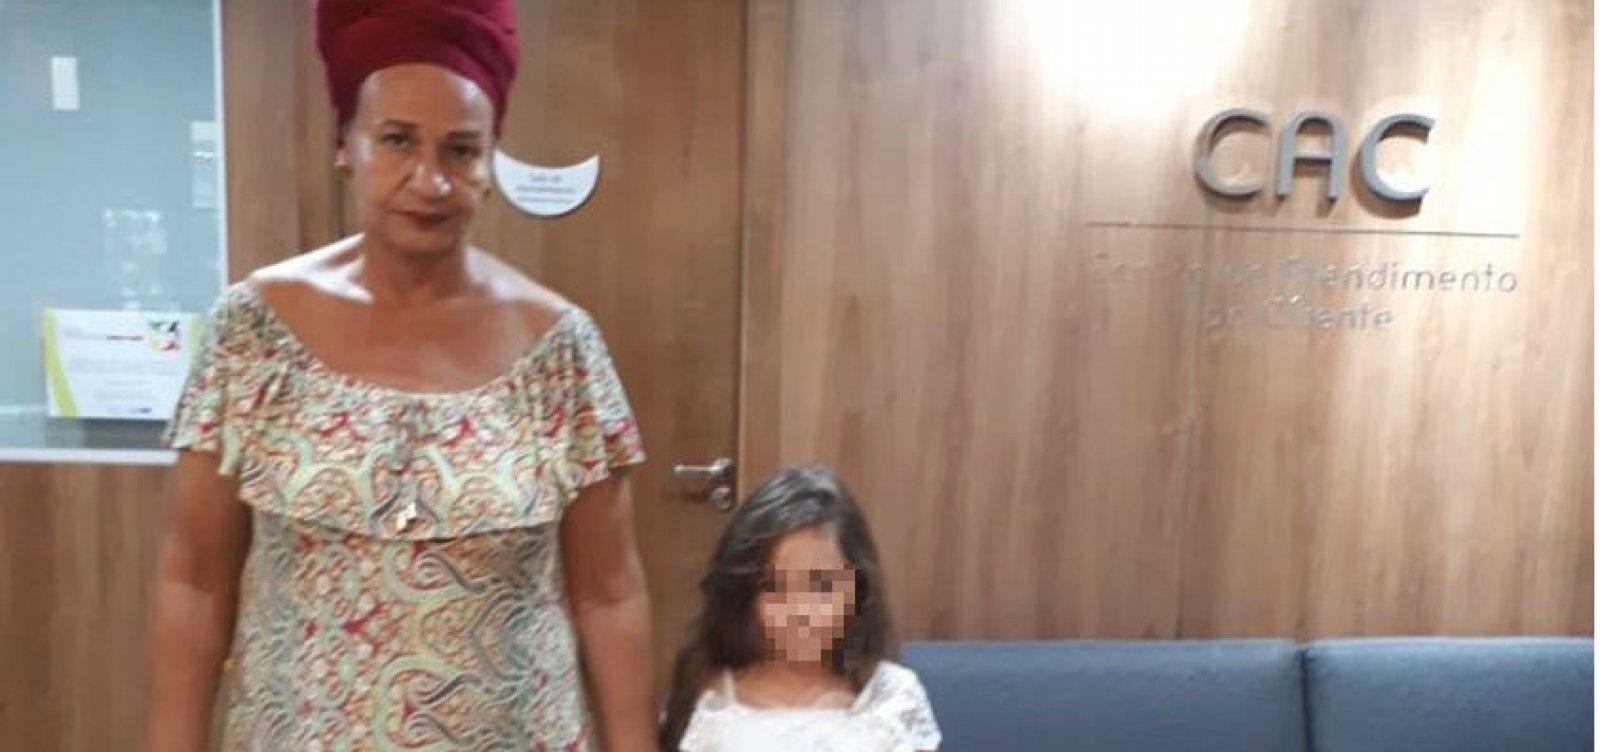 [Mulher é acusada de furto em farmácia de shopping em Salvador e desabafa: 'Tragédia racista']